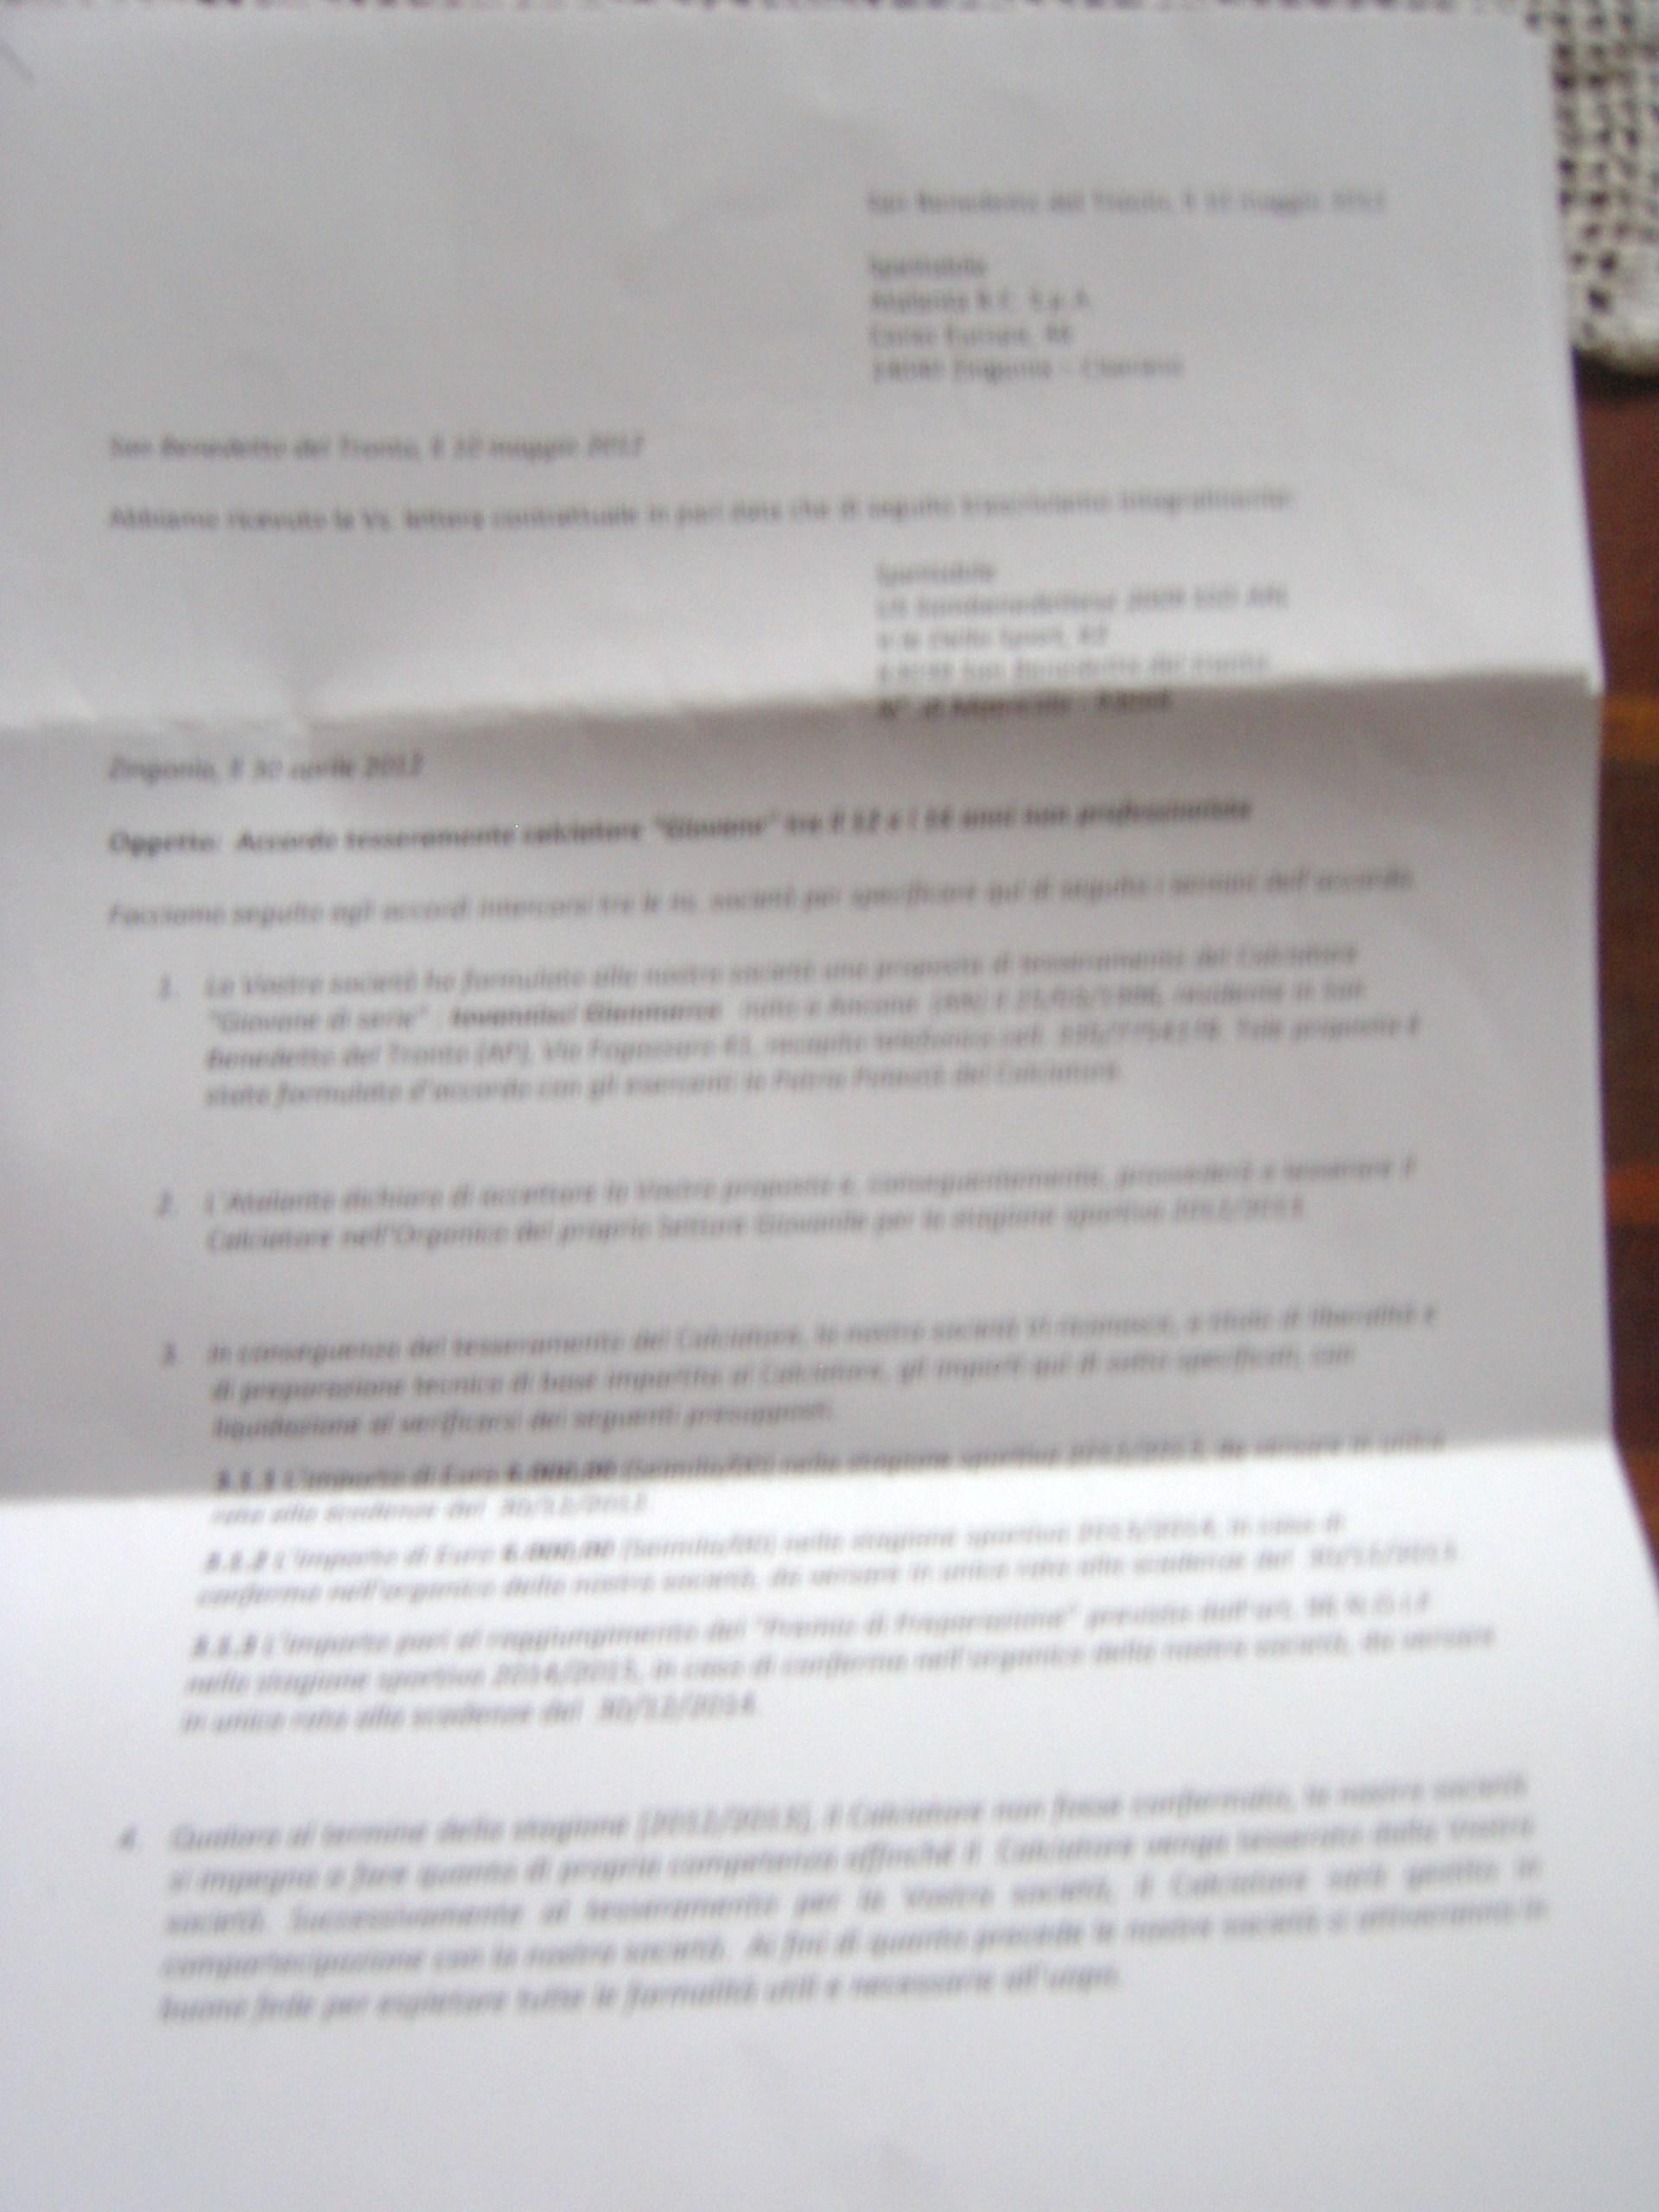 Il documento della cessione di Iovannisci all'Atalanta